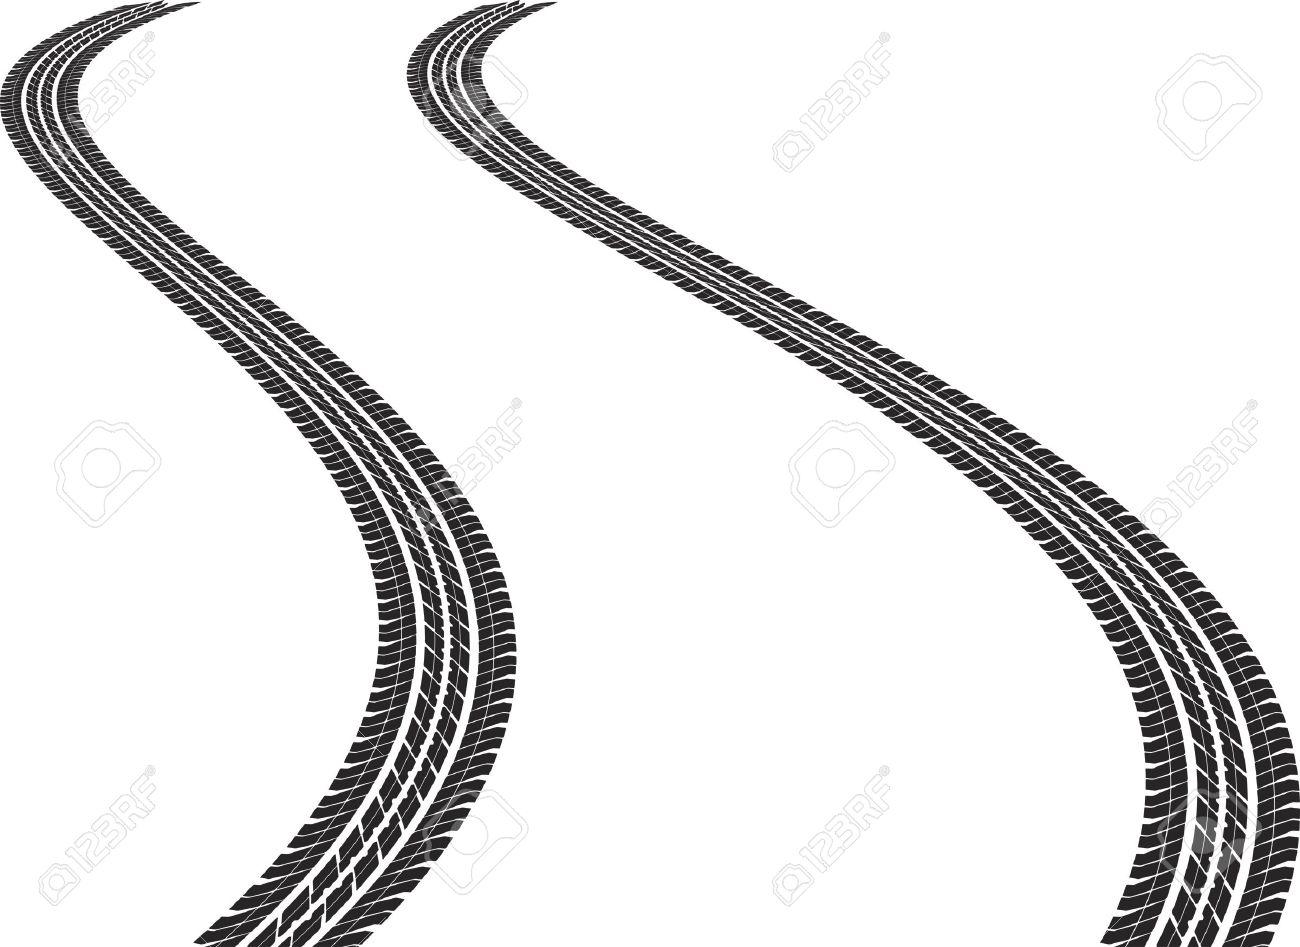 Tire Tracks Clipart Vector - clip art illustration of tire tracks